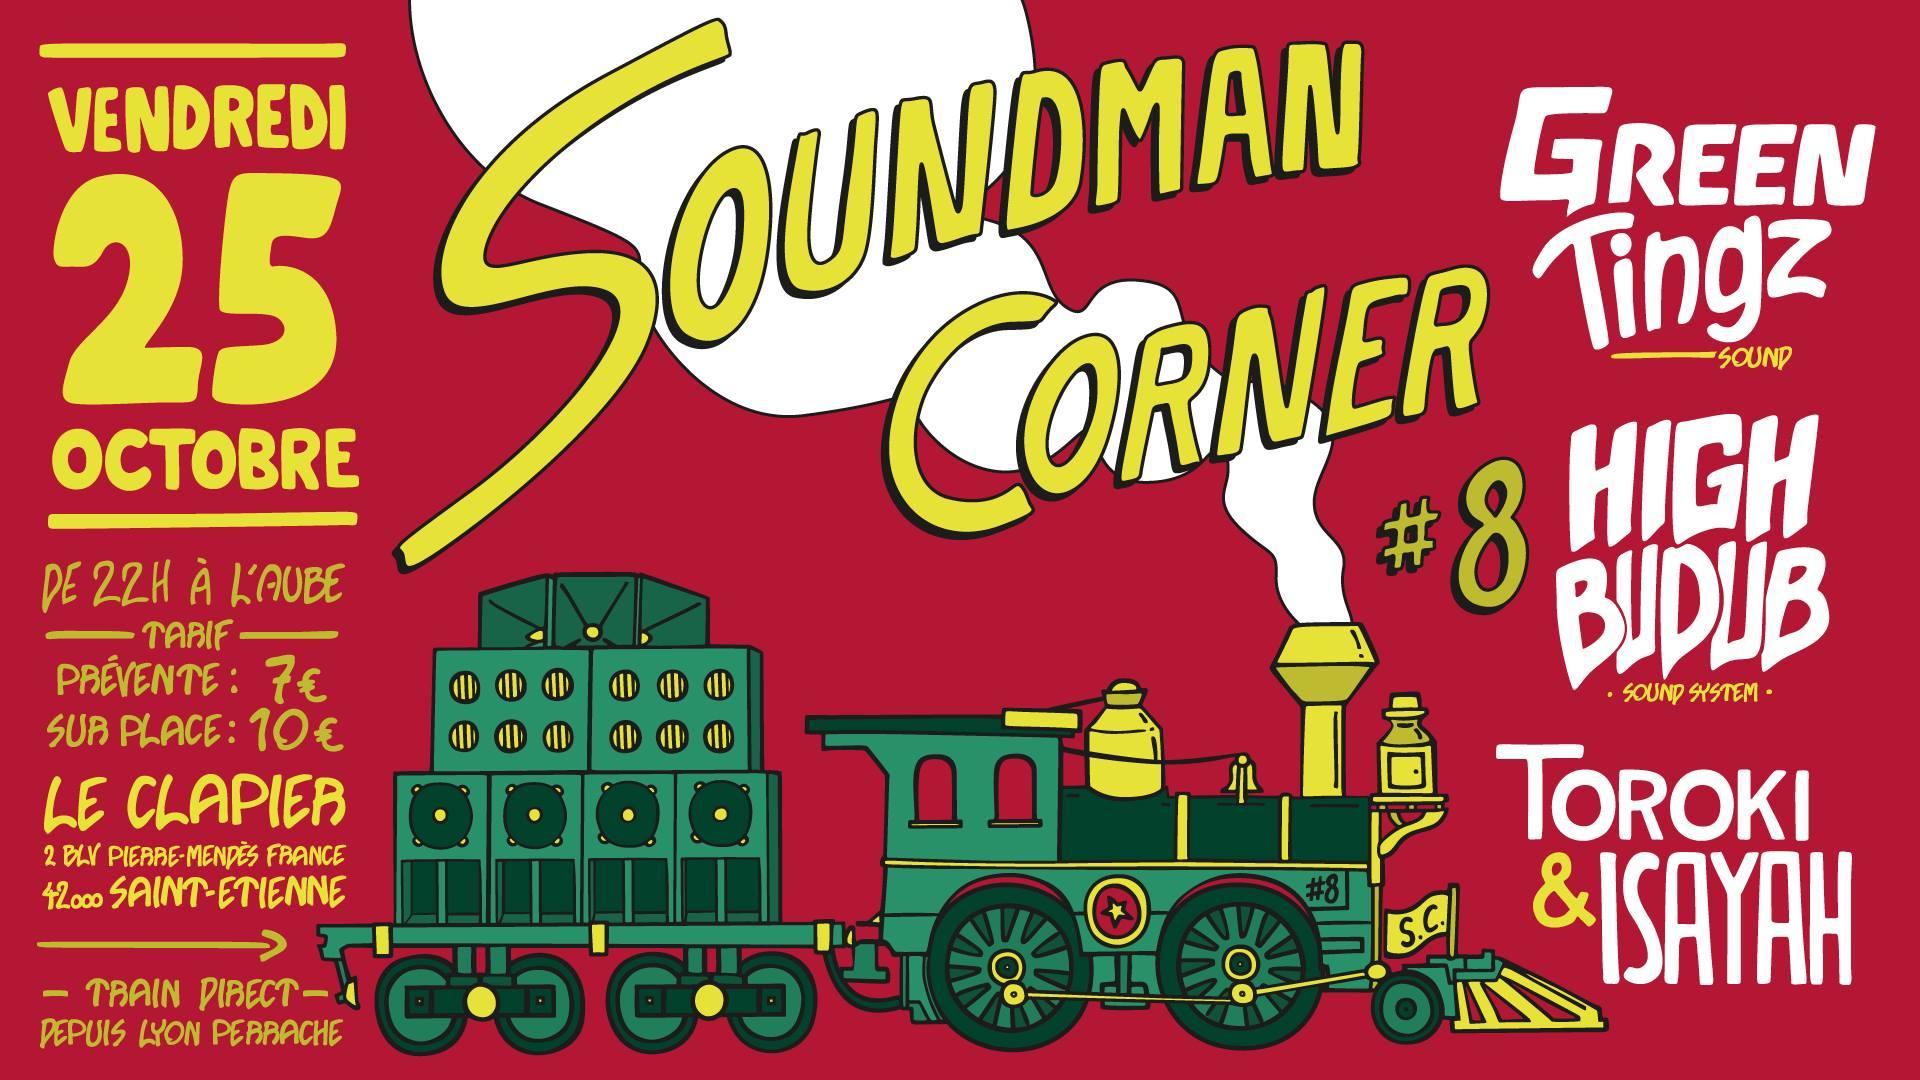 Soundman-Corner-25occt2019